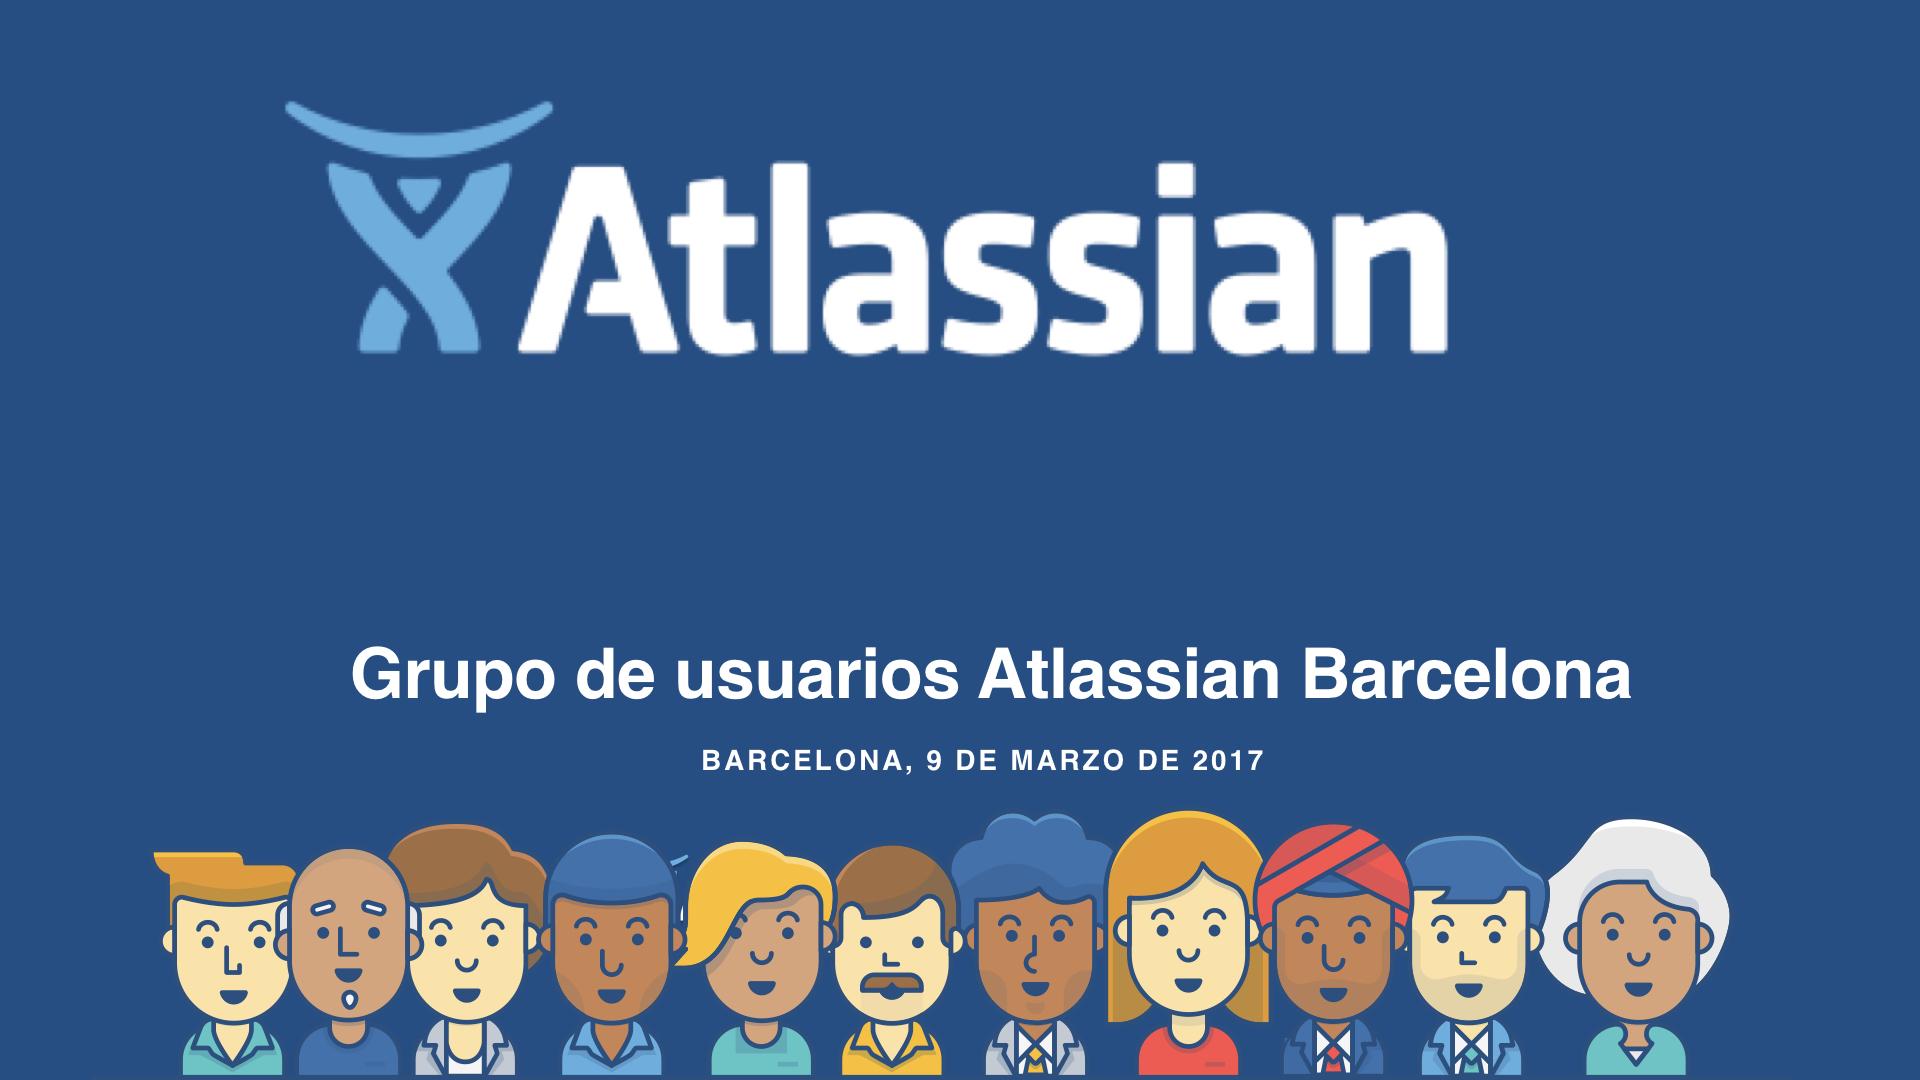 Encuentro de usuarios Atlassian en Barcelona